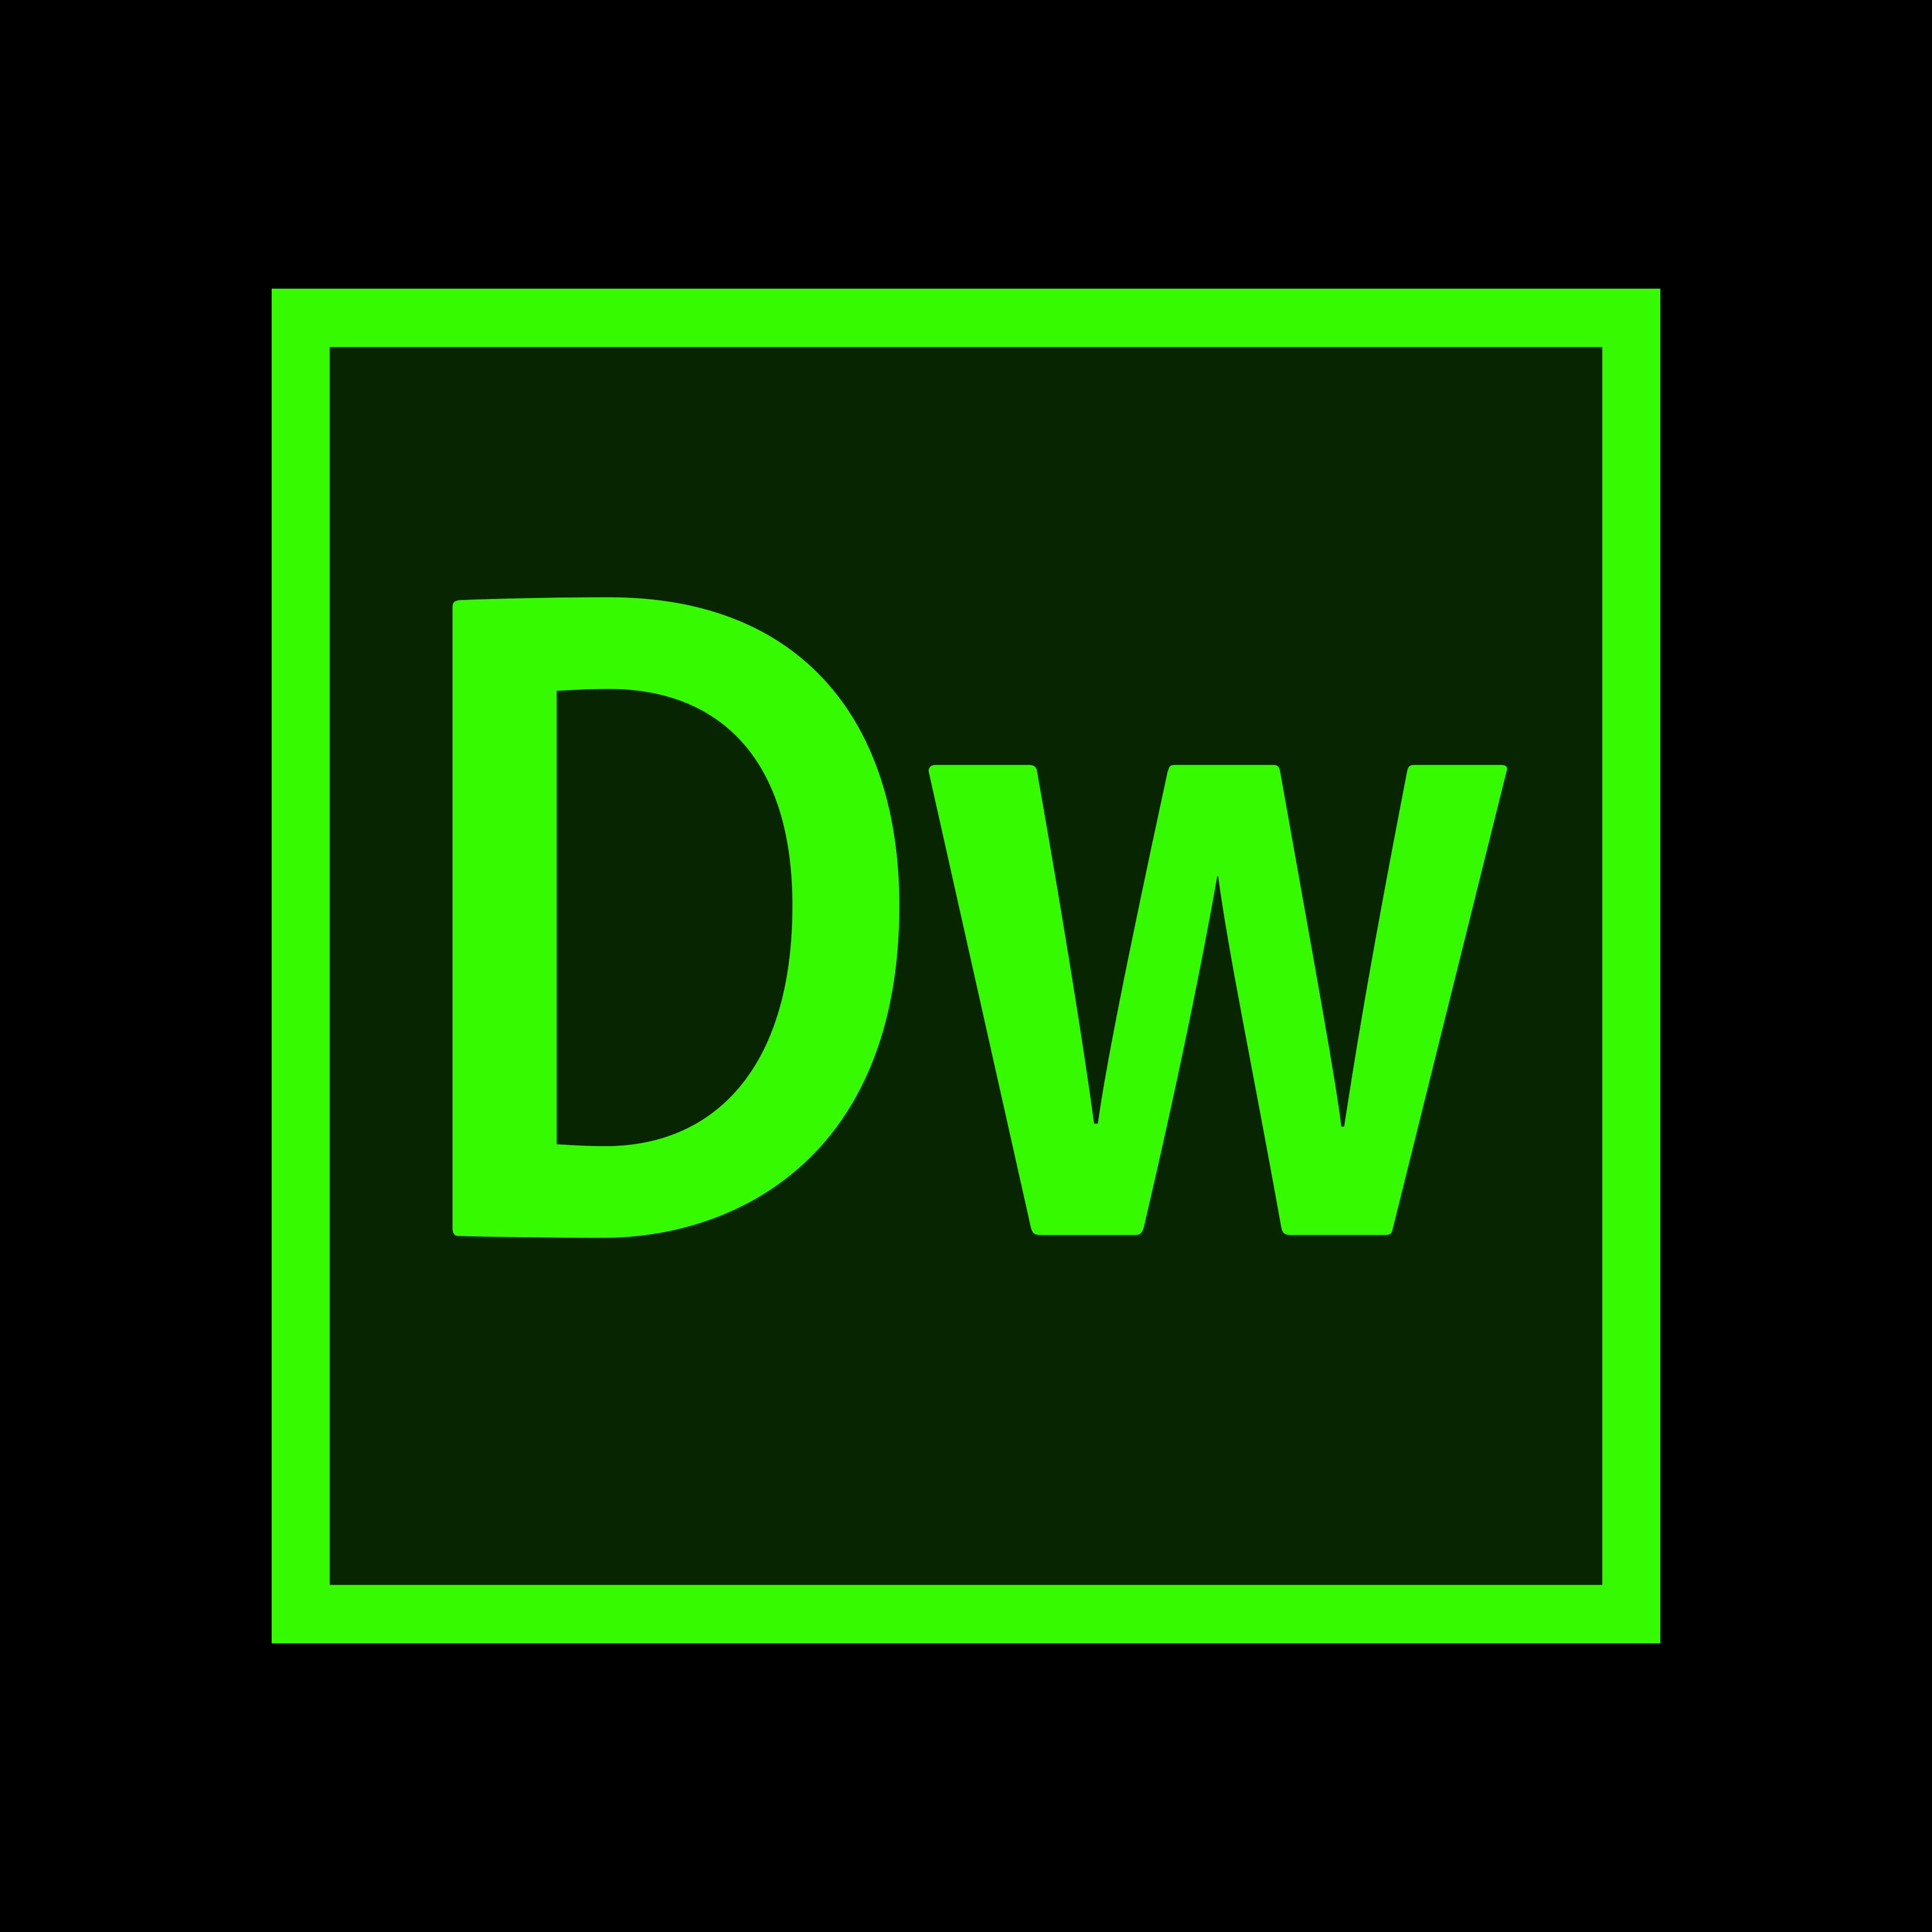 Adobe Dreamweaver Logo PNG.